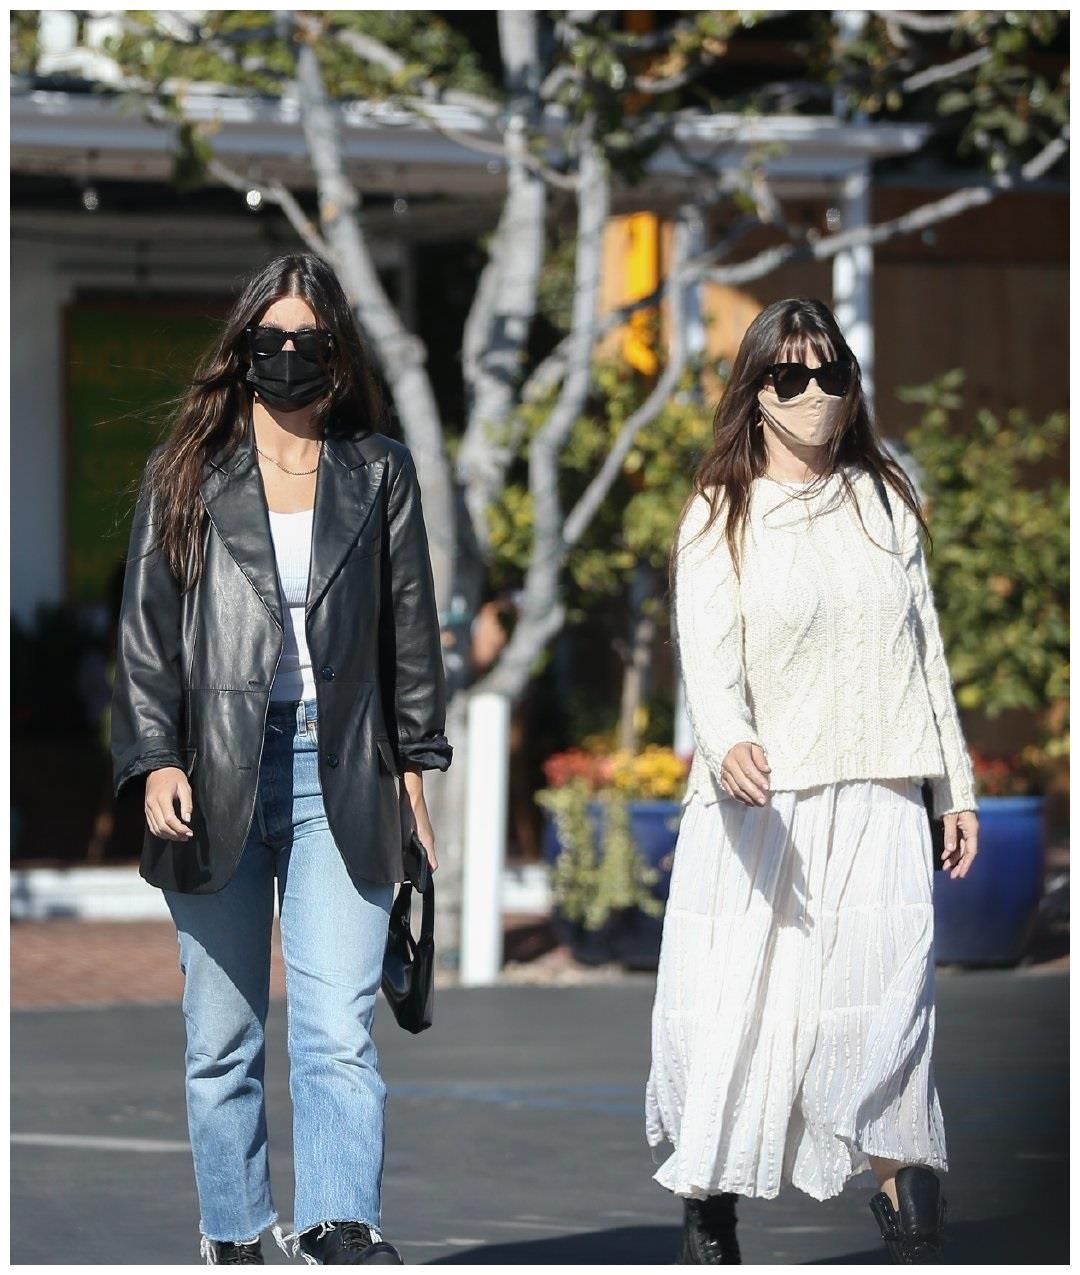 """""""小李子女友""""卡米拉·莫罗尼穿皮衣和妈妈一起上街,又酷又拉风"""